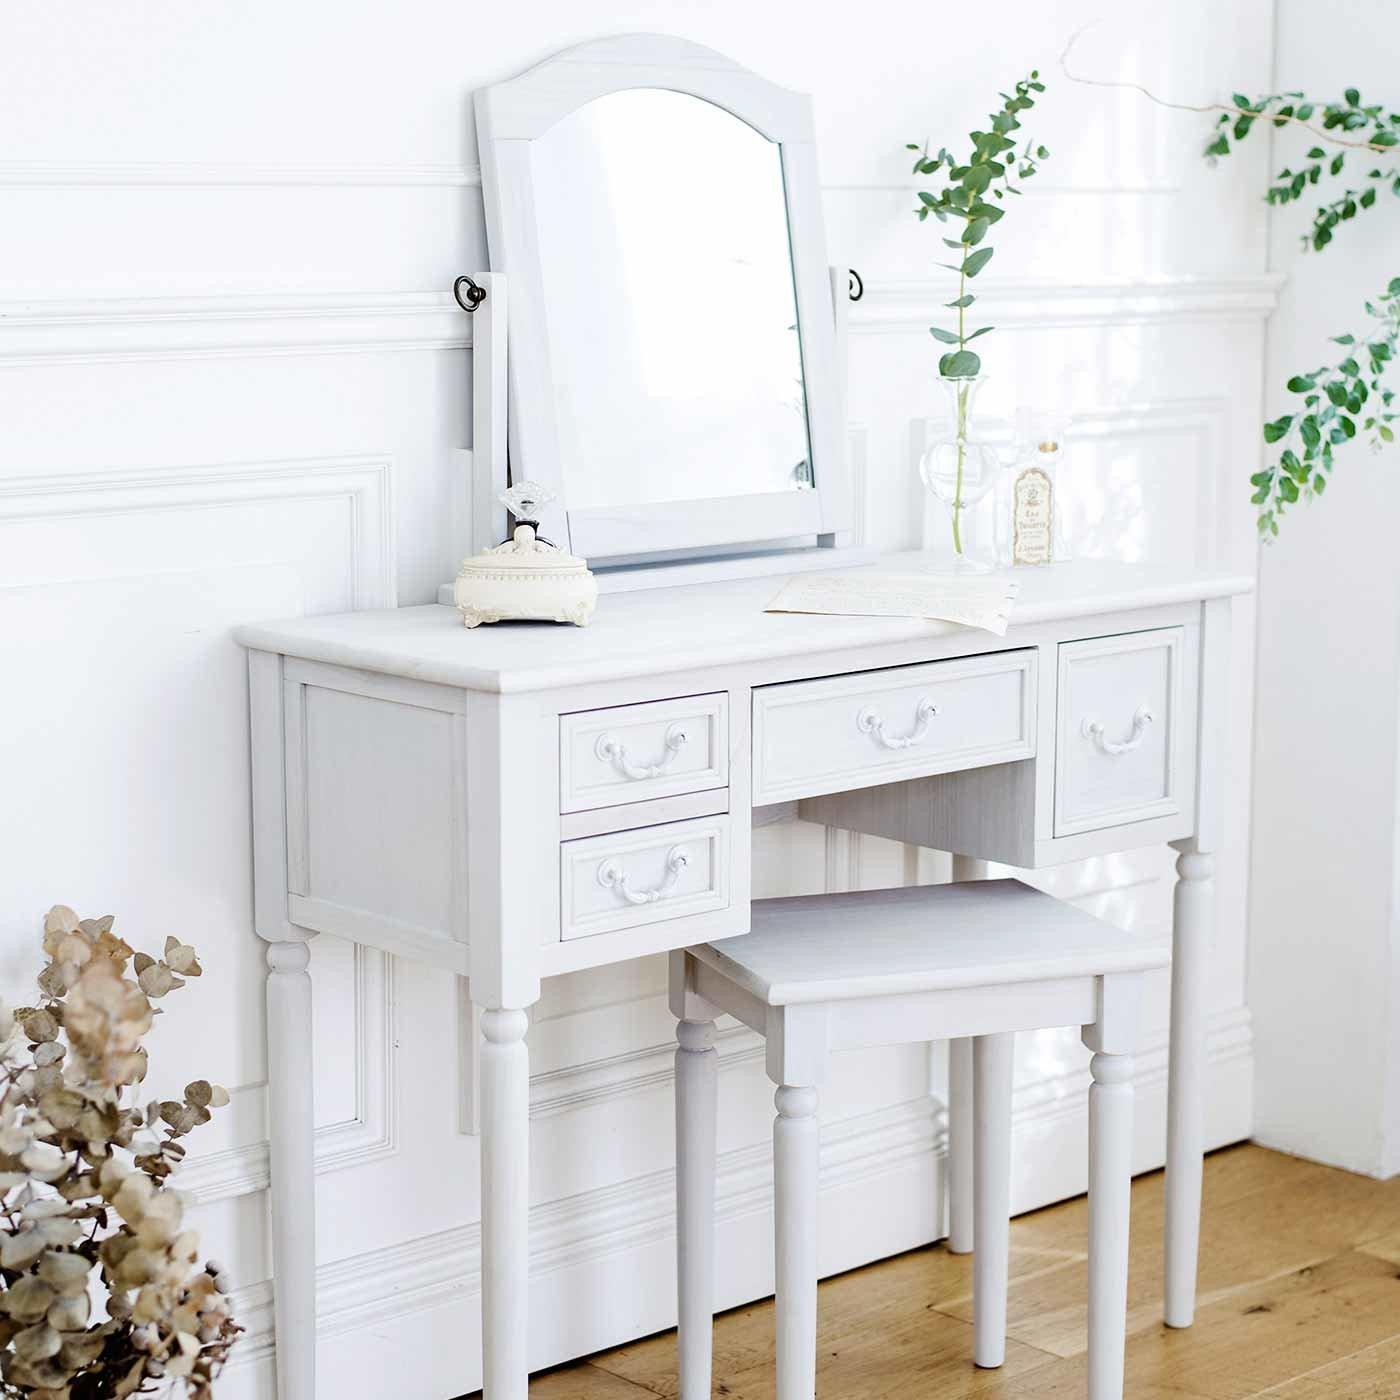 私らしい心地のいい家具 上品スリムドレッサー〈ノーブルホワイト〉